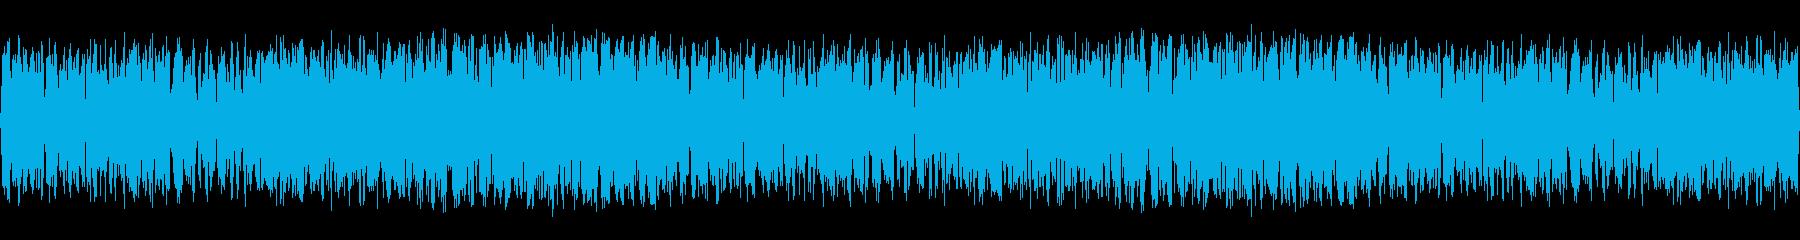 大声でカエルのコーラスの再生済みの波形